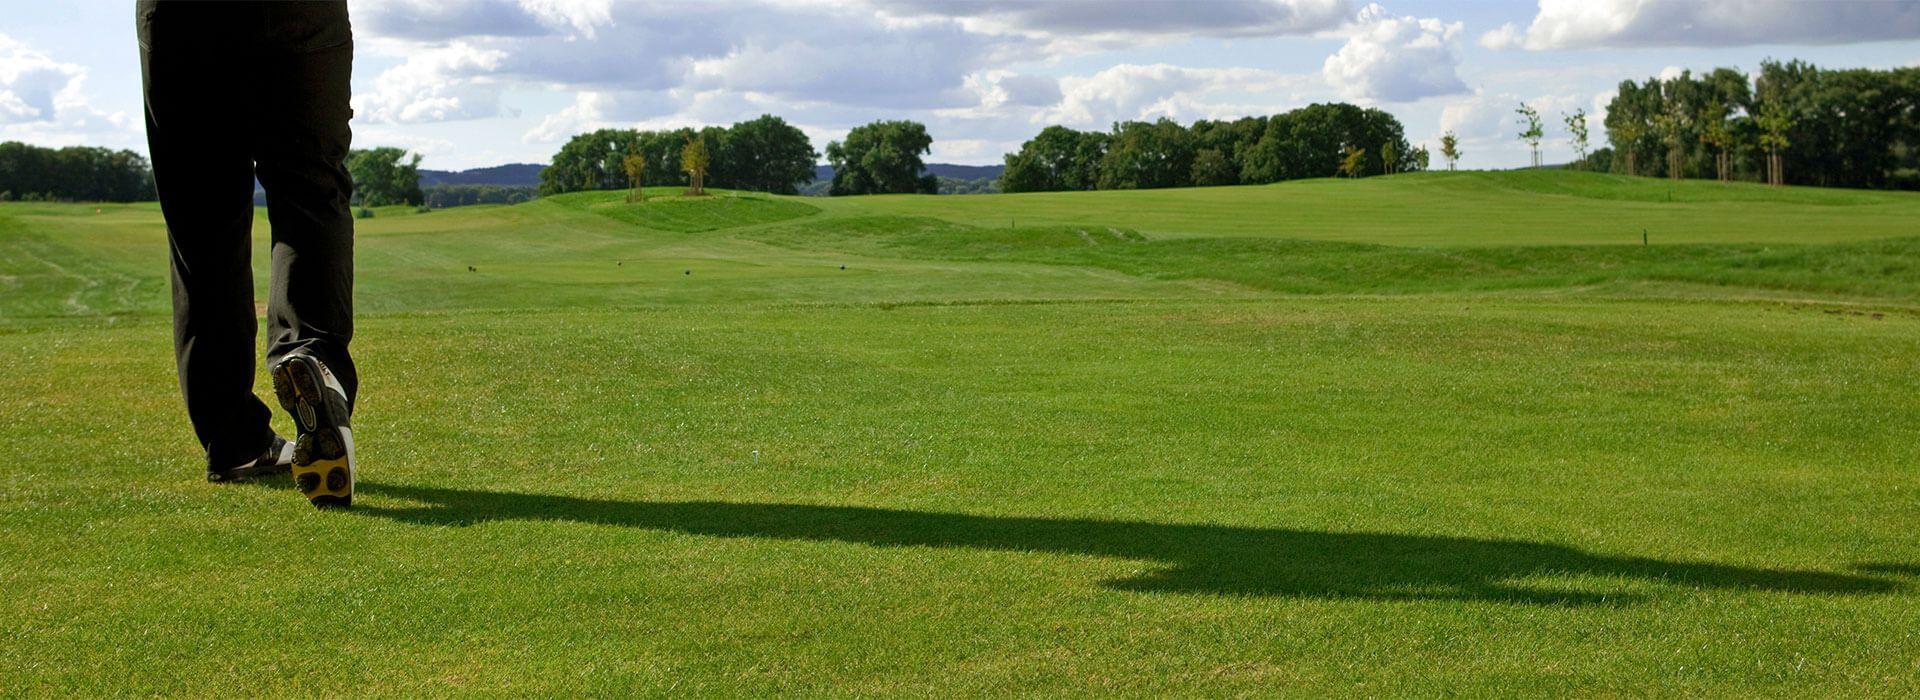 Golf Mecklenburg-Vorpommern im Golfclub Schloss Teschow